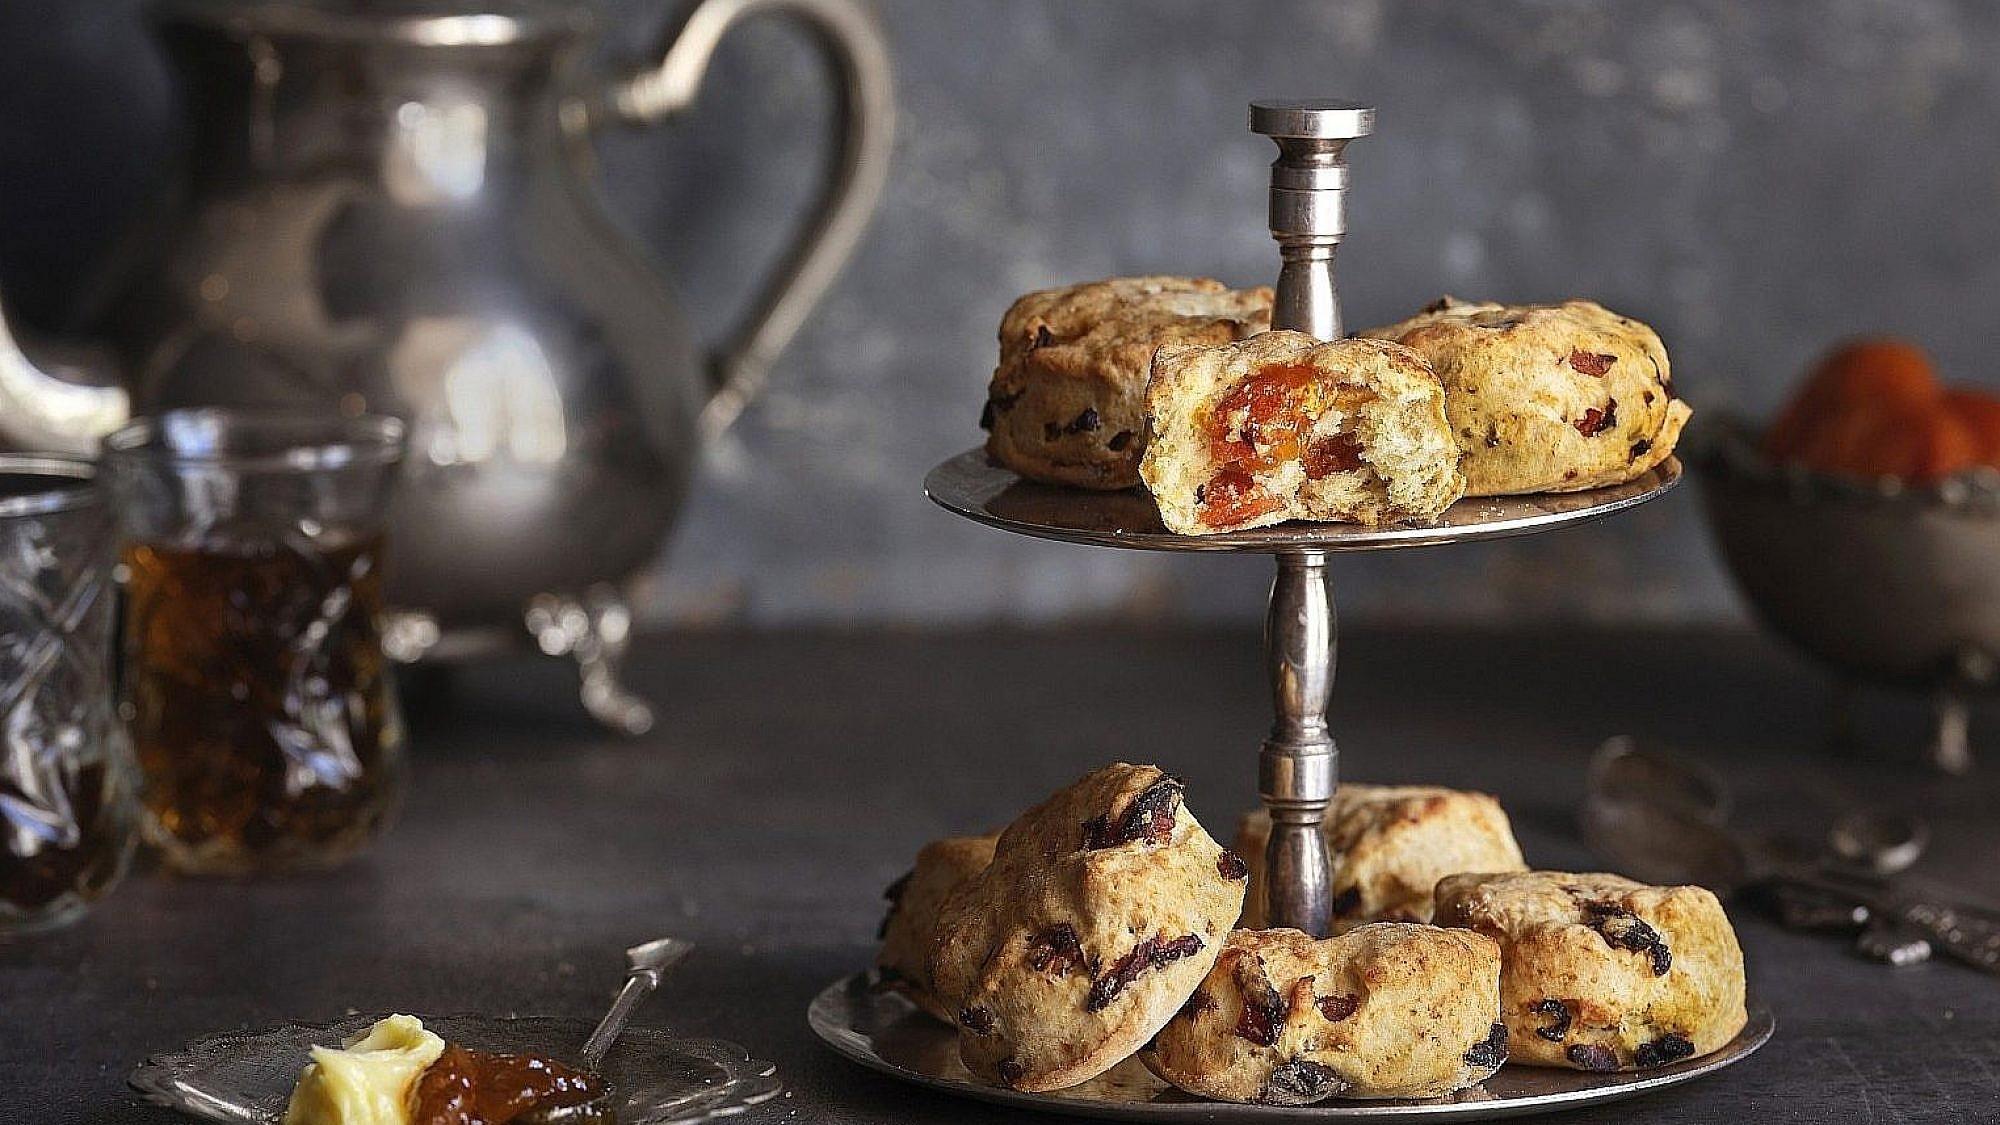 סקונס משמש מיובש או שוקולד של שף-קונדיטורית הילי גרינברג. צילום: אנטולי מיכאלו. סטיילינג: דינה אוסטרובסקי וירדן יעקובי